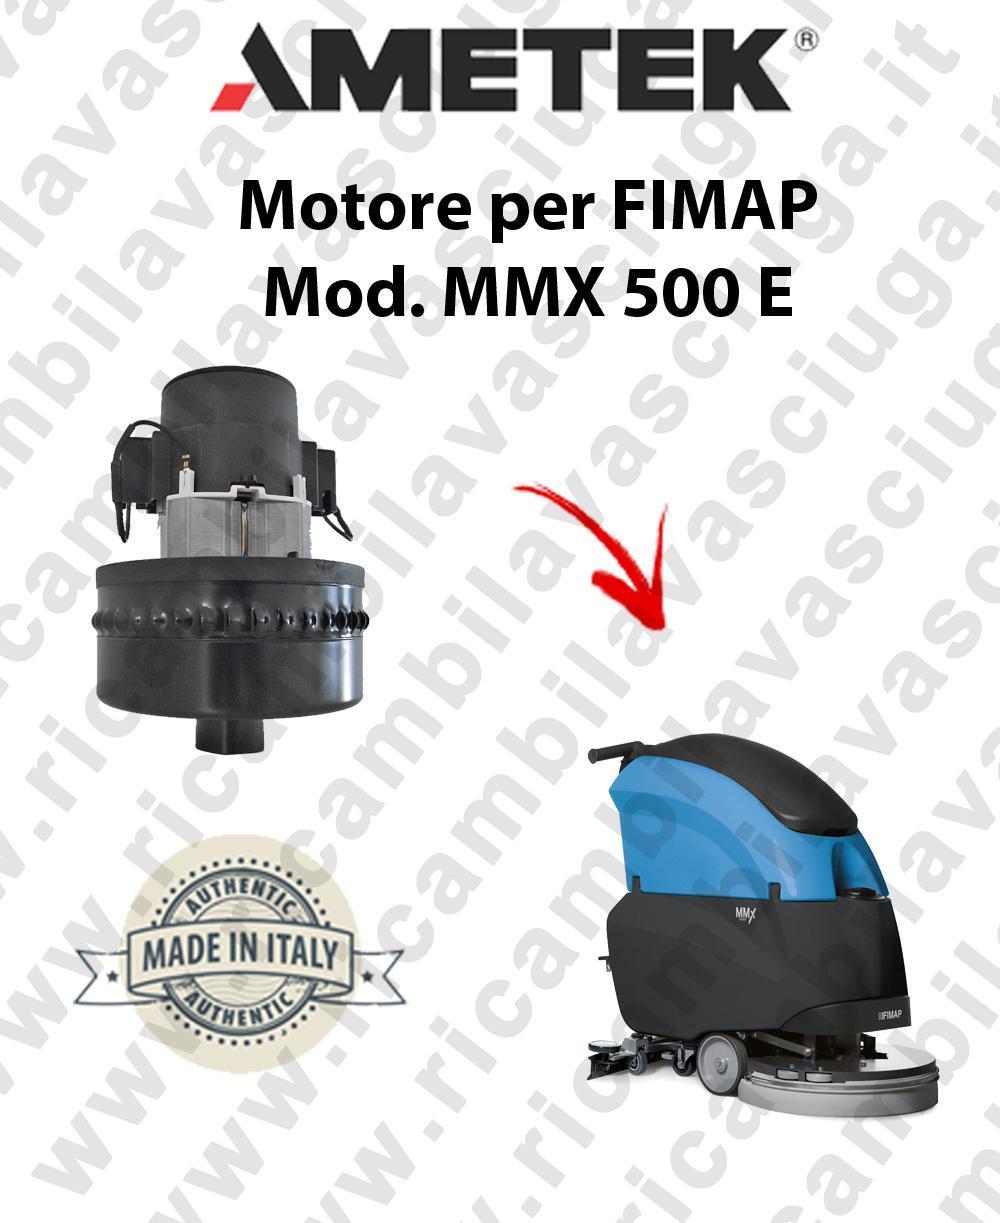 MMX 500 E motor de aspiración AMETEK fregadora FIMAP